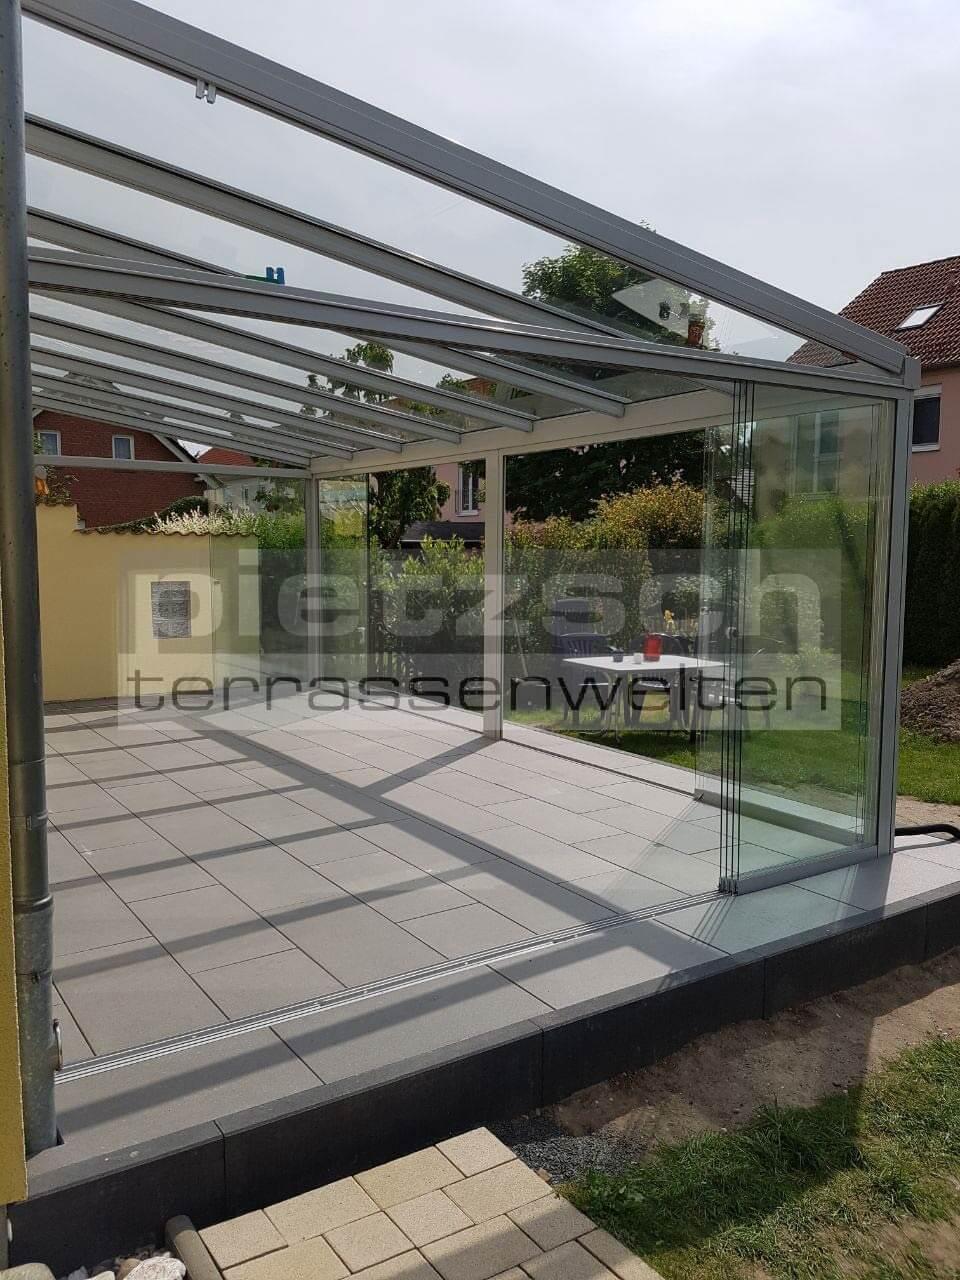 Terrassenüberdachung, TERRADO GP5100, Kaltwintergarten, Sommergarten, Schiebeverglasung, Sunflex SF 20